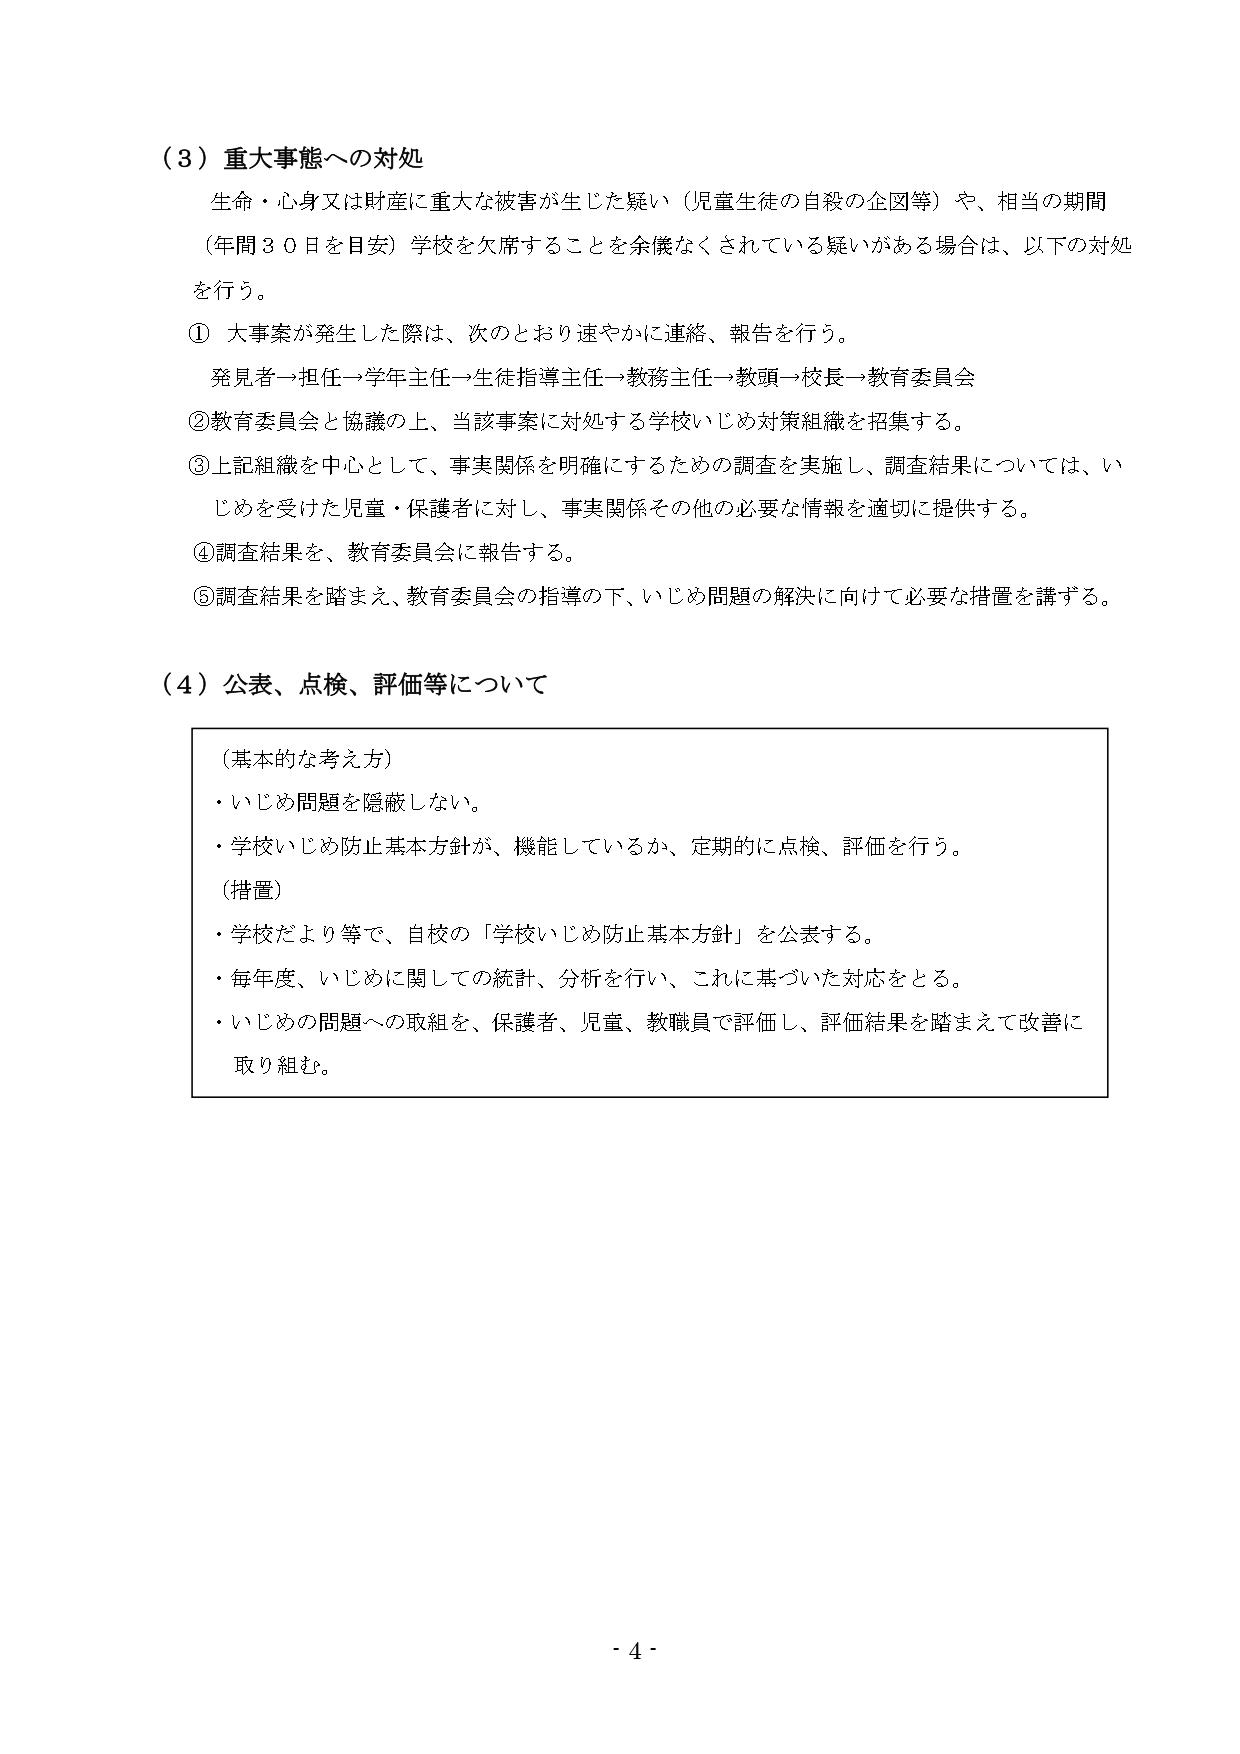 いじめ防止基本方針4